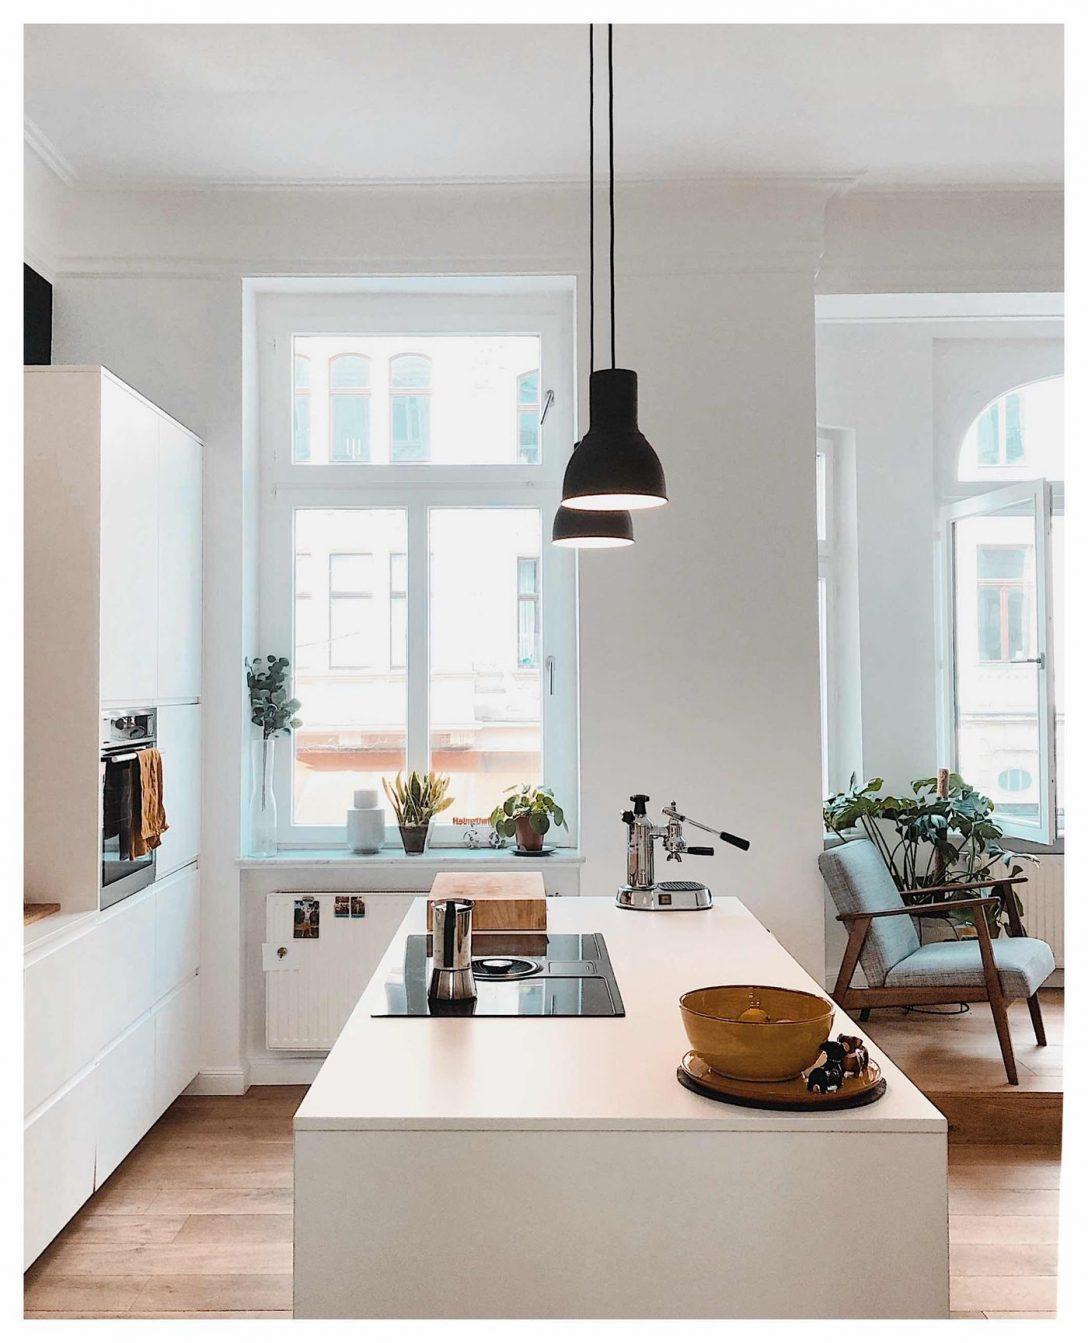 Large Size of Küche Ikea Kchen Tolle Tipps Und Ideen Fr Kchenplanung Wanduhr Einlegeböden Rustikal Pino Einhebelmischer Einbauküche Selber Bauen Kaufen Weiße Wasserhahn Wohnzimmer Küche Ikea